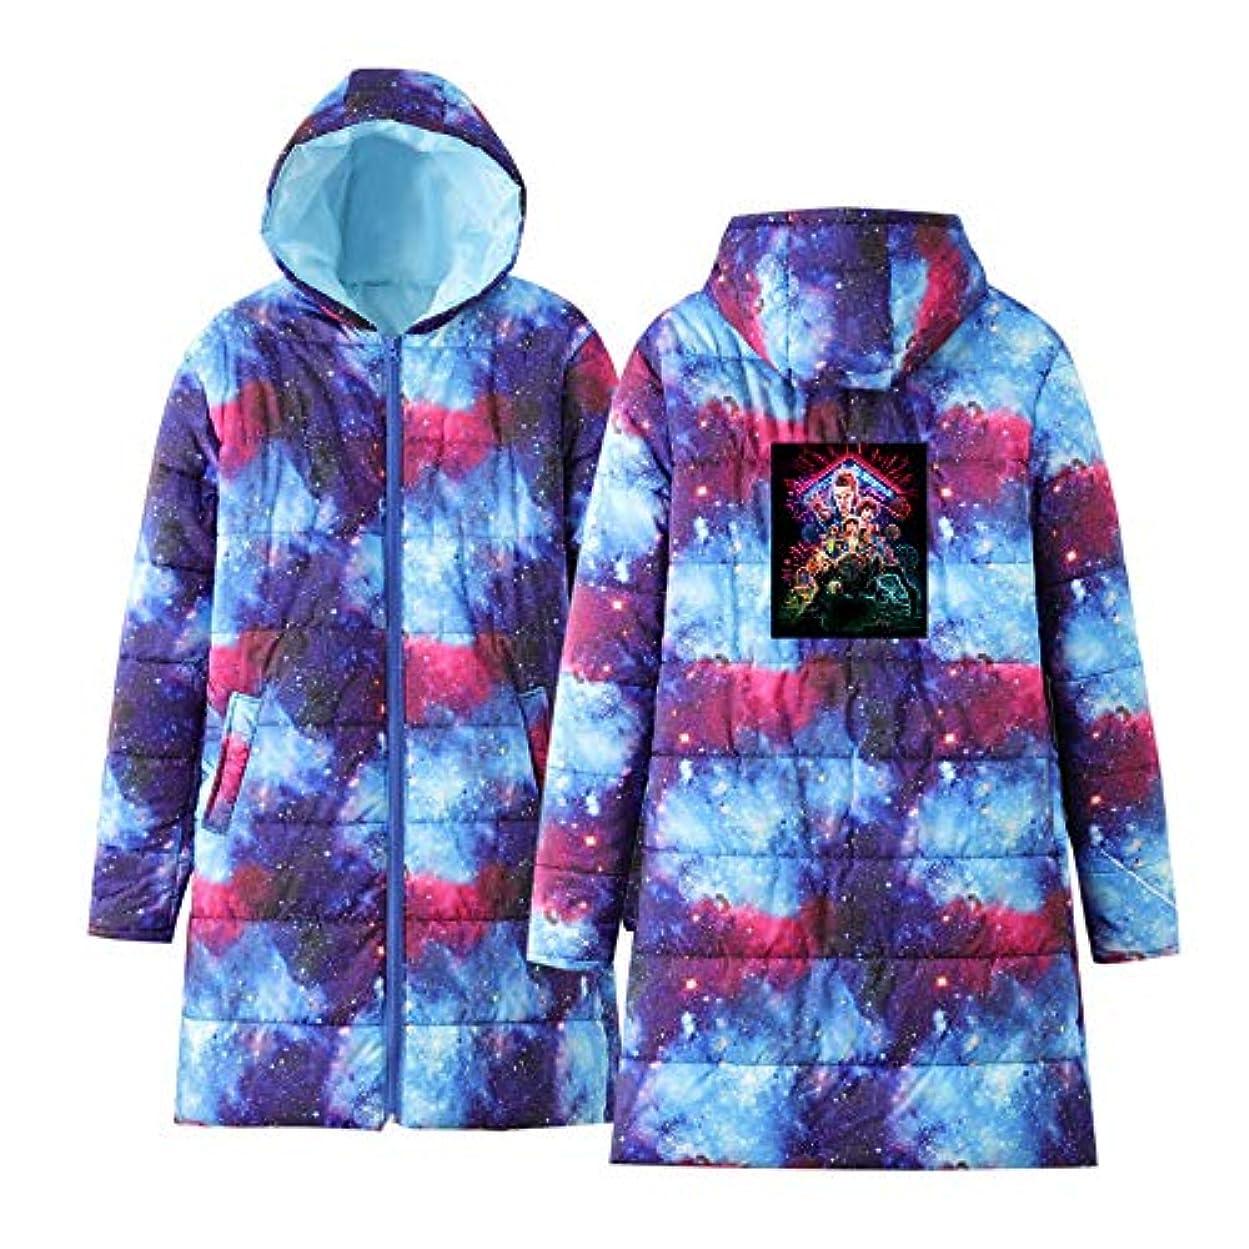 のために会計士後方に男性と女性の軽量コート、超軽量スリムフード付き暖かいカジュアルロングスリーブ印刷ヨーロッパアメリカのトレンドダウンジャケット,Starrysky,S